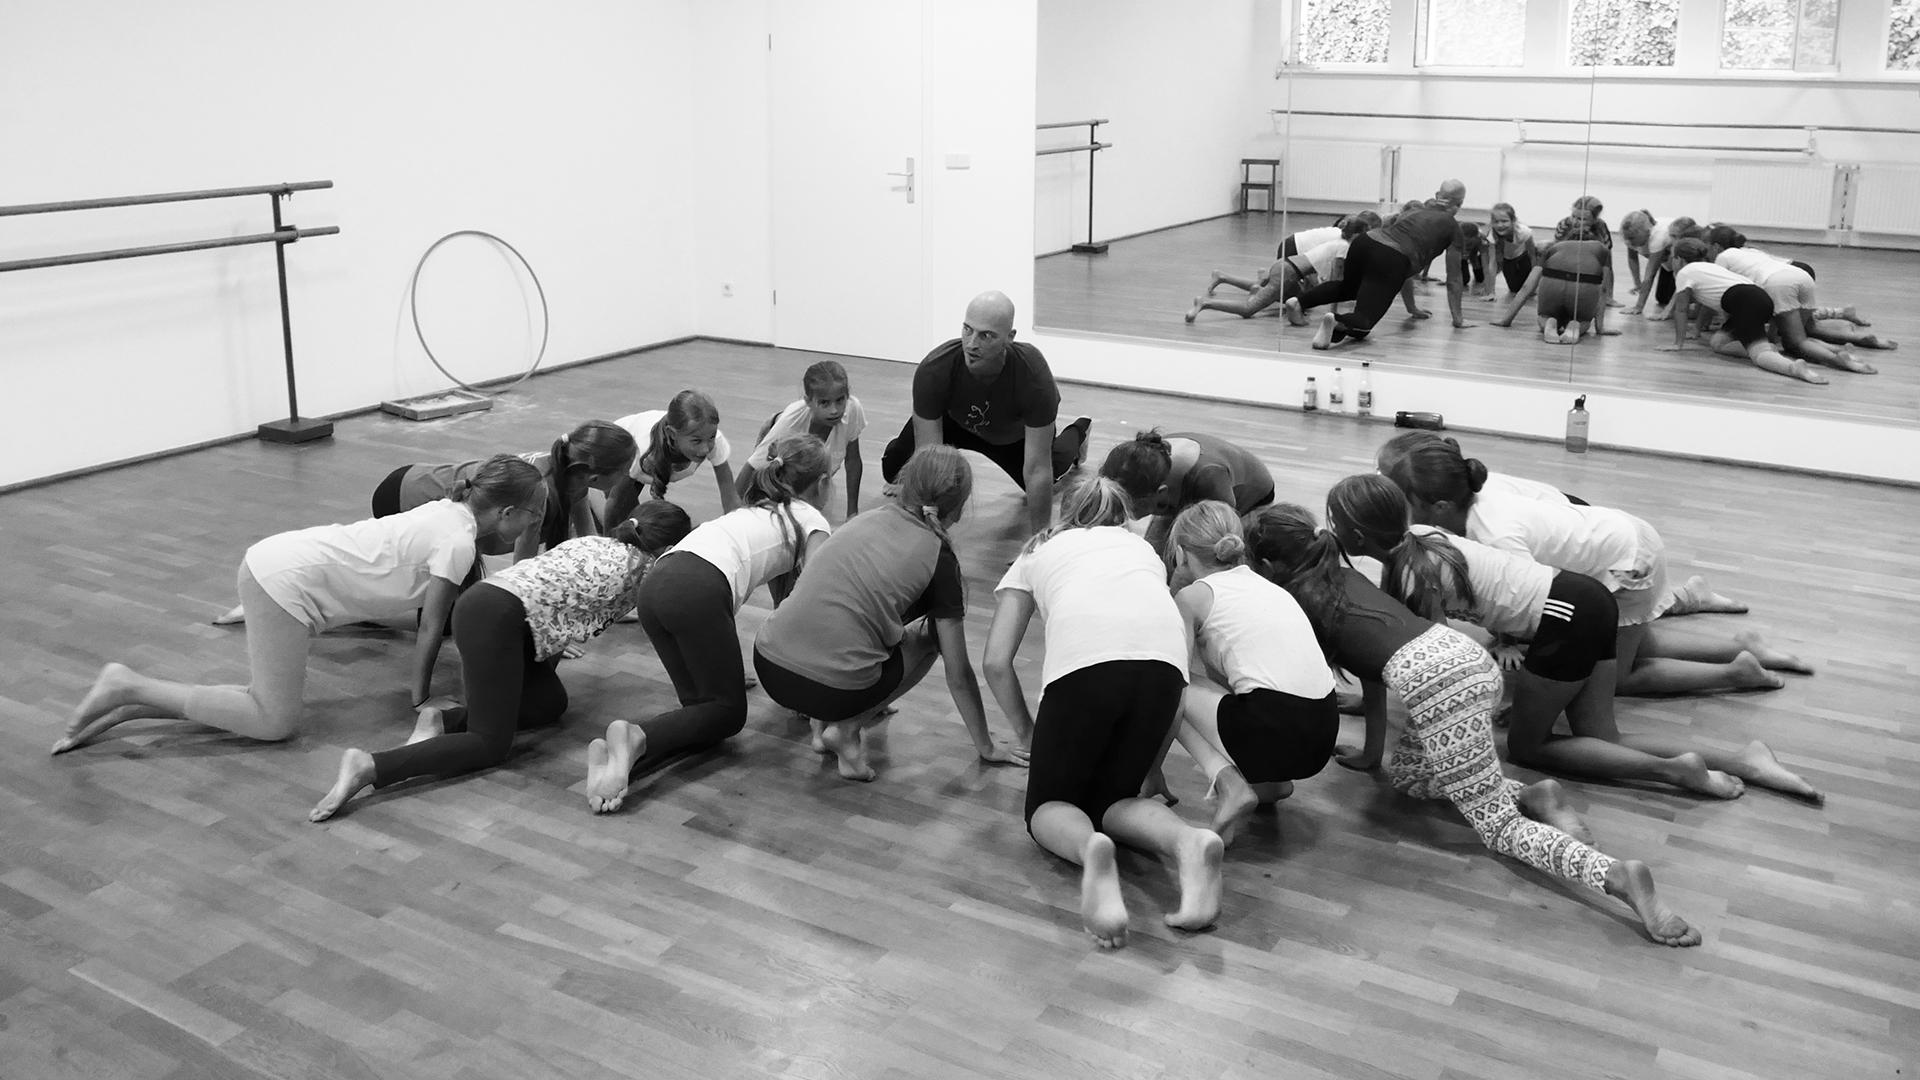 Matthias-Markstein-Kindertanz-Studio-Tanz-Kids-and-Teens-und-Workshop-Bildung-Tanz-Foto-Ralf-Schlösser